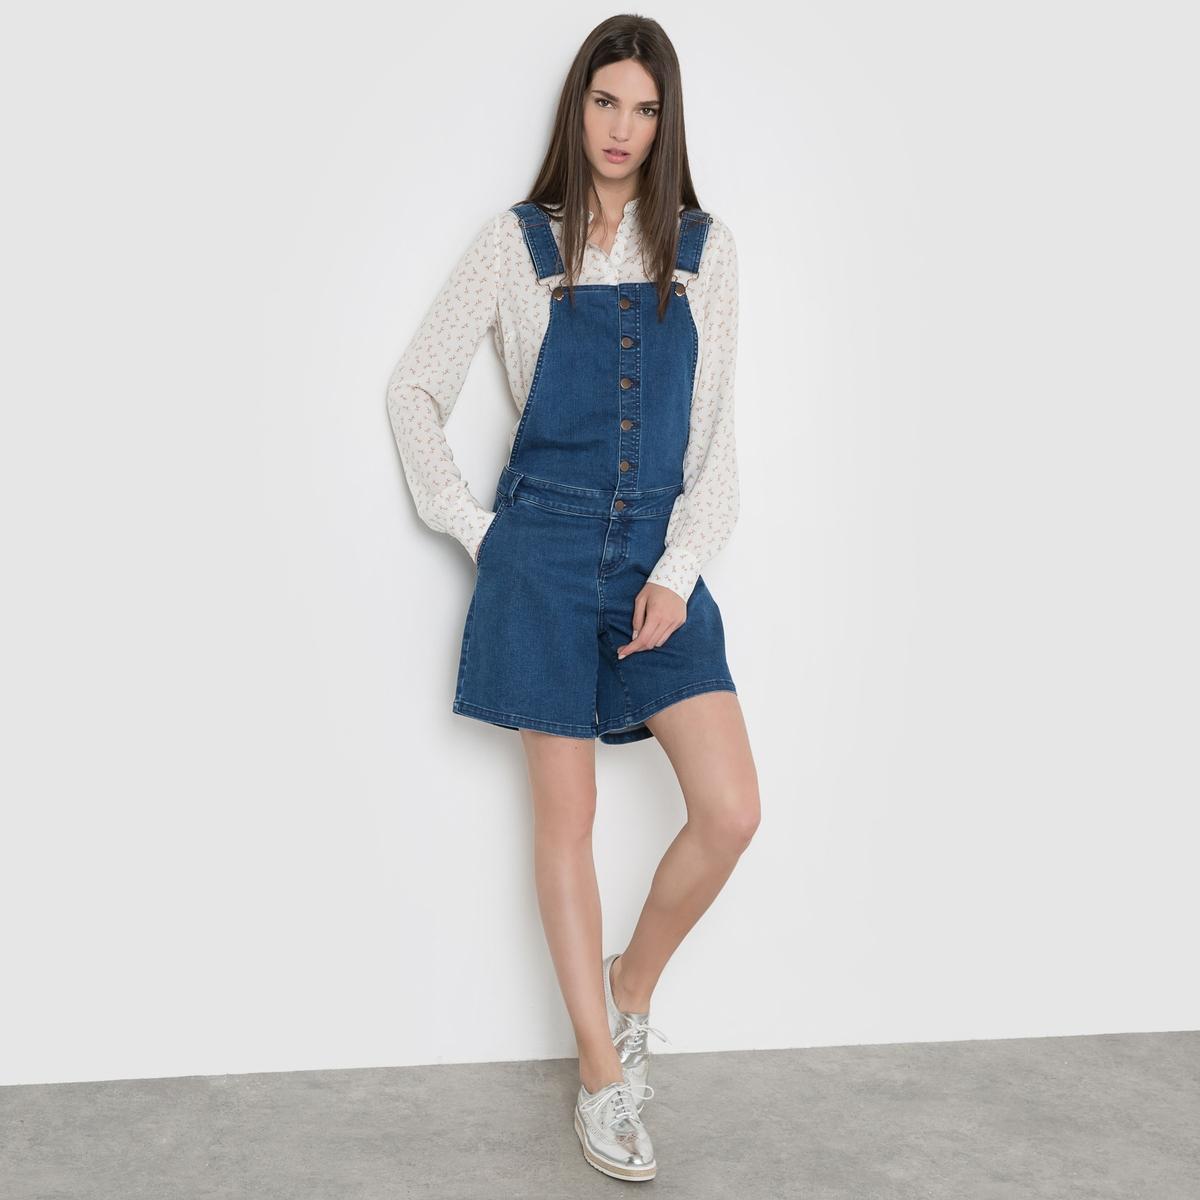 Комбинезон-шорты из джинсовой ткани